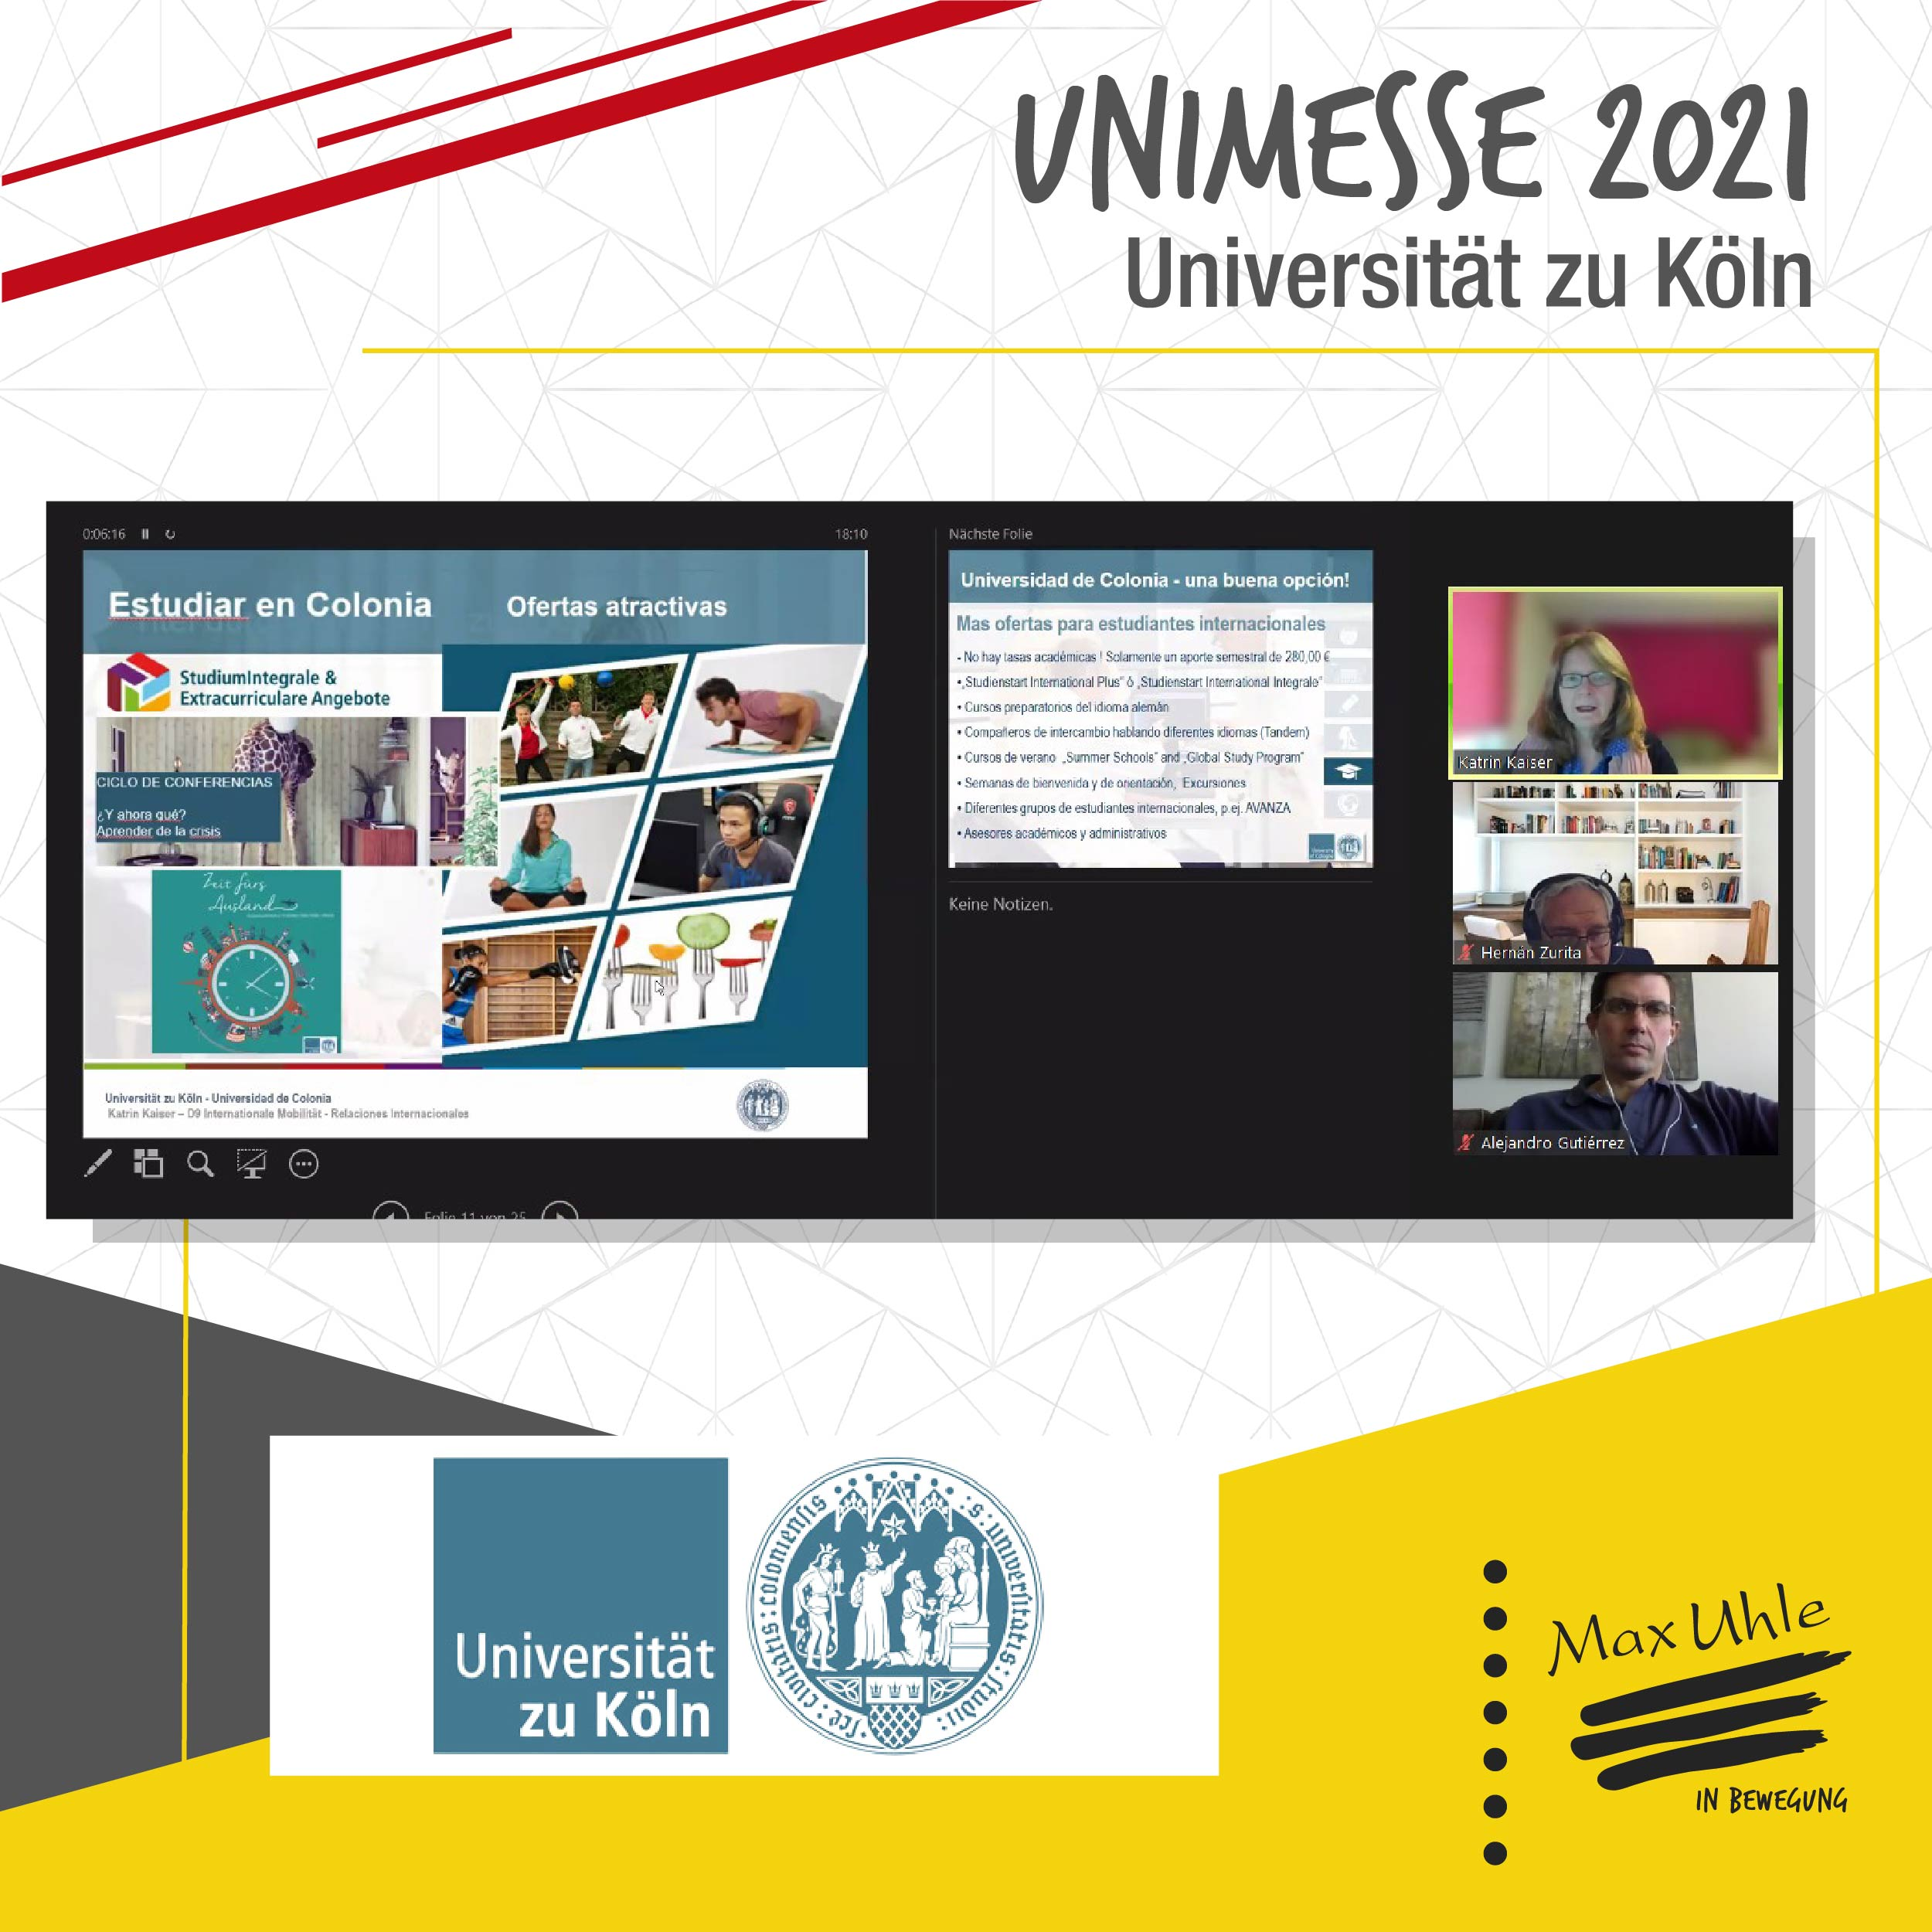 Koln - Unimesse 2021 Colegio Max Uhle